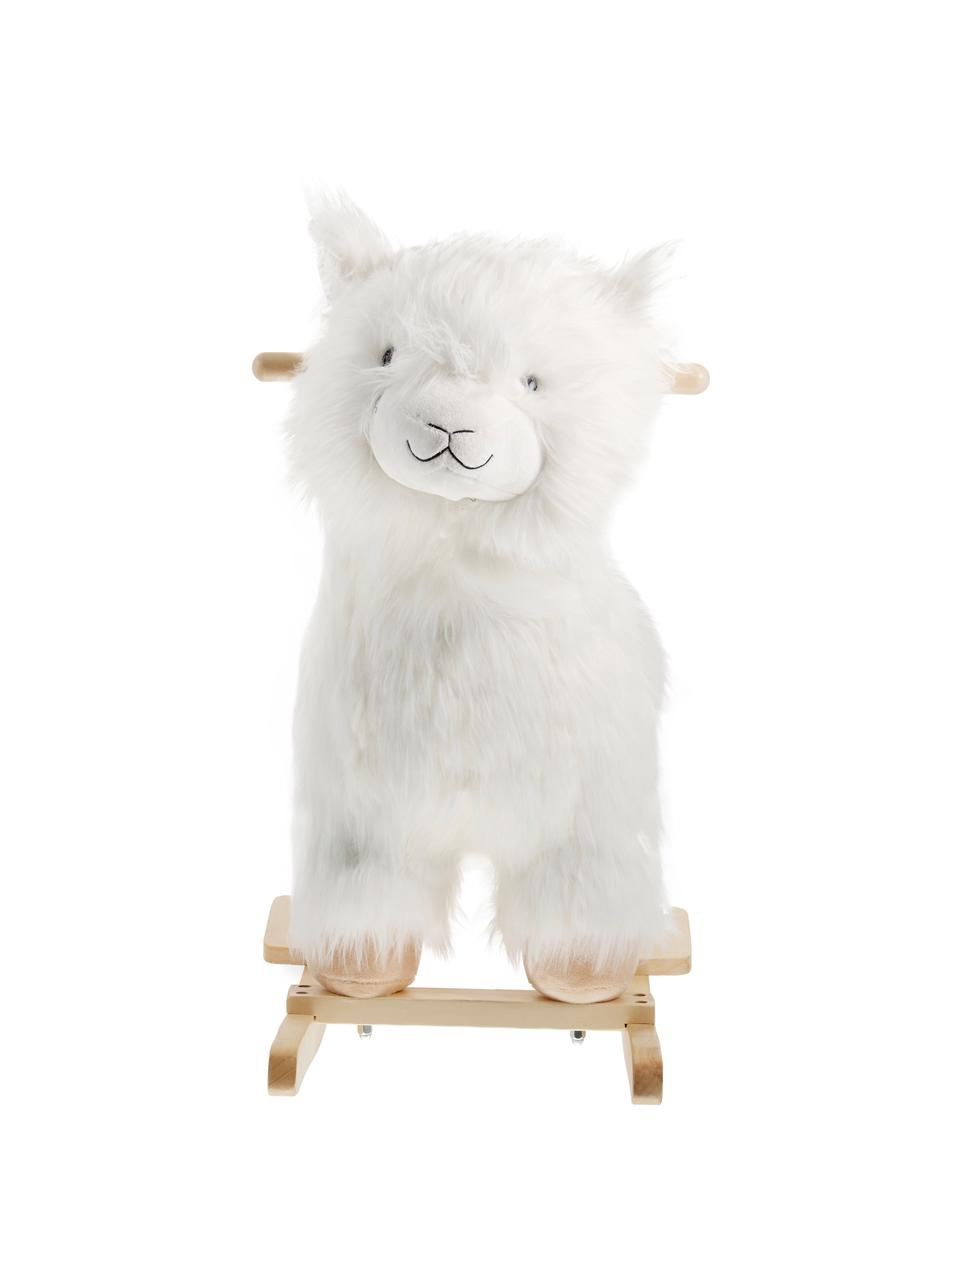 Zabawka na biegunach Lama, Poliester, drewno topoli, Biały, brązowy, S 65 x W 70 cm